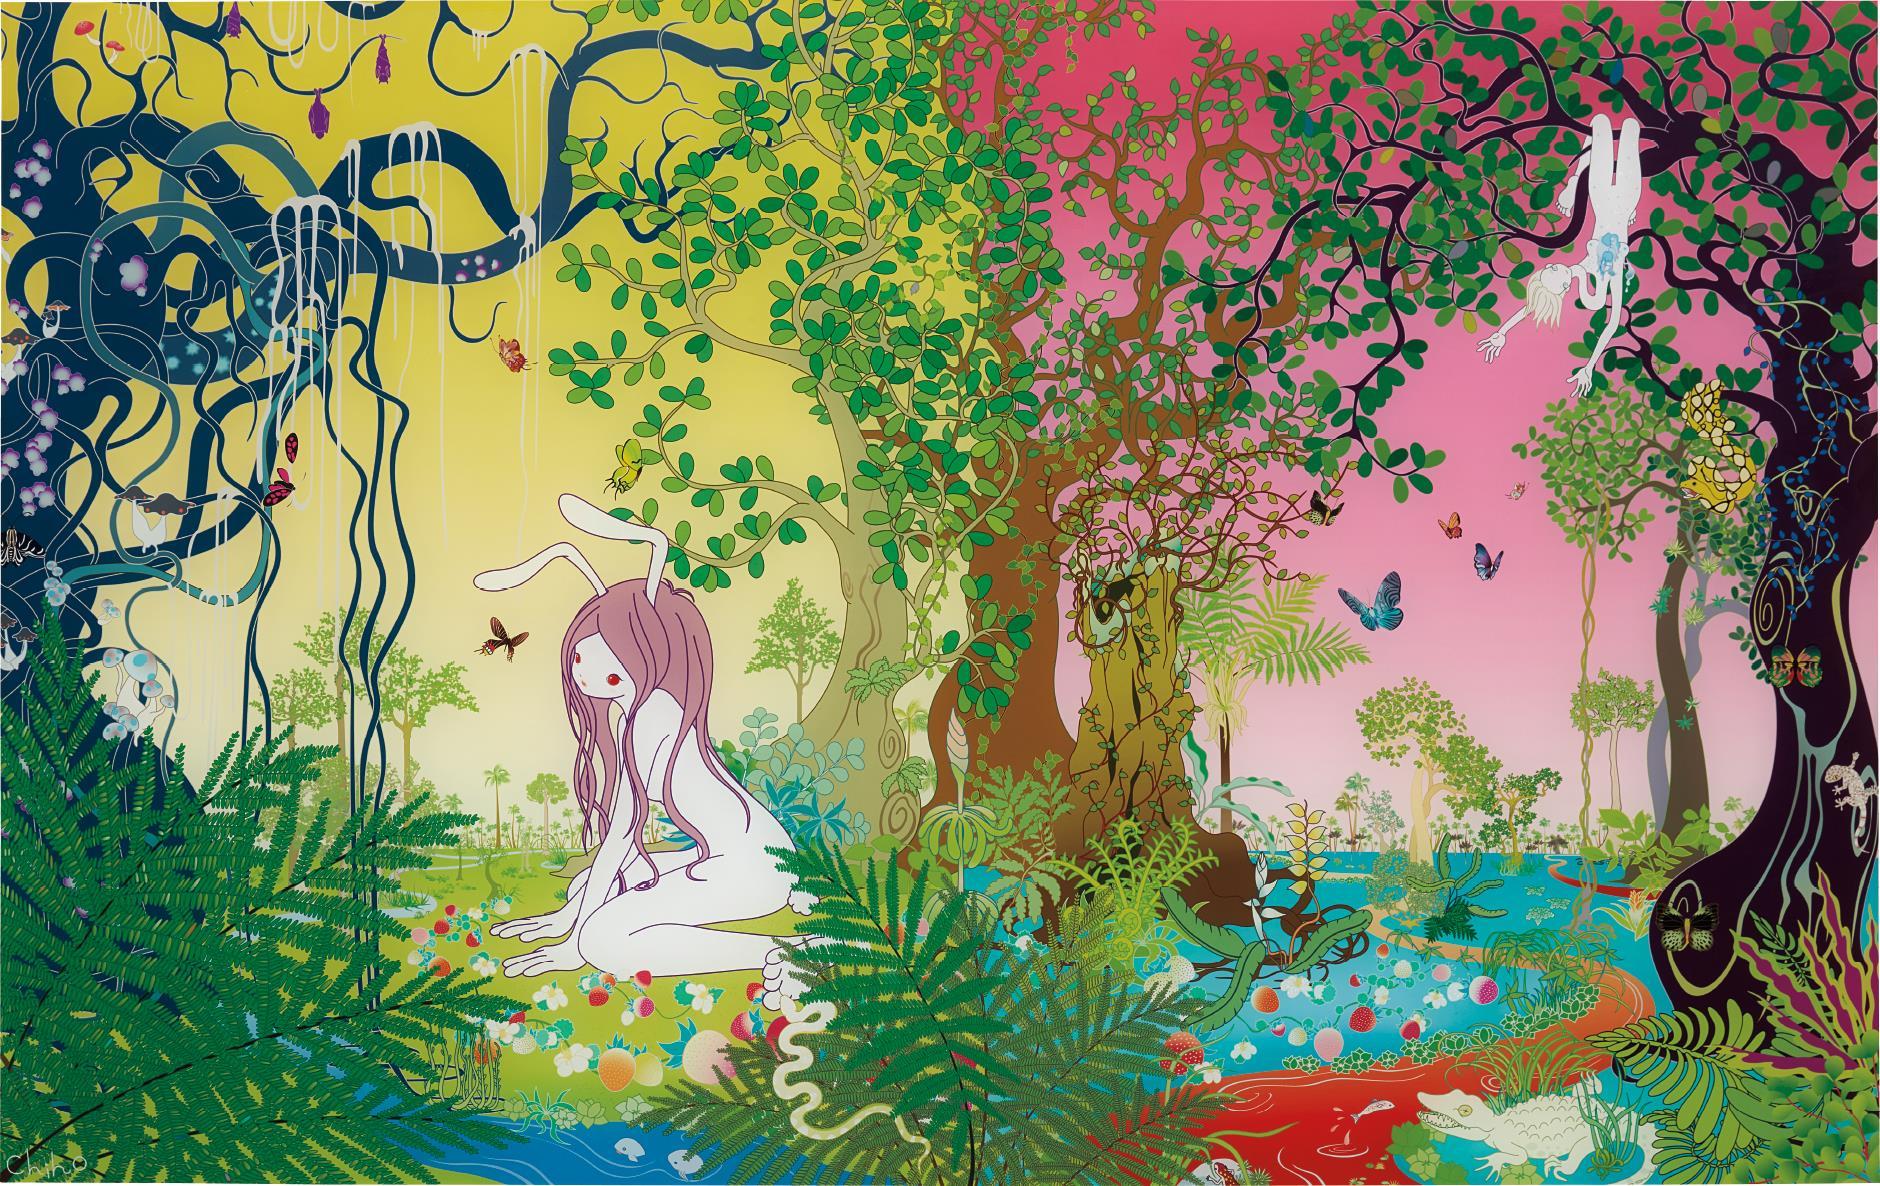 Chiho Aoshima-Strawberry Fields-2003